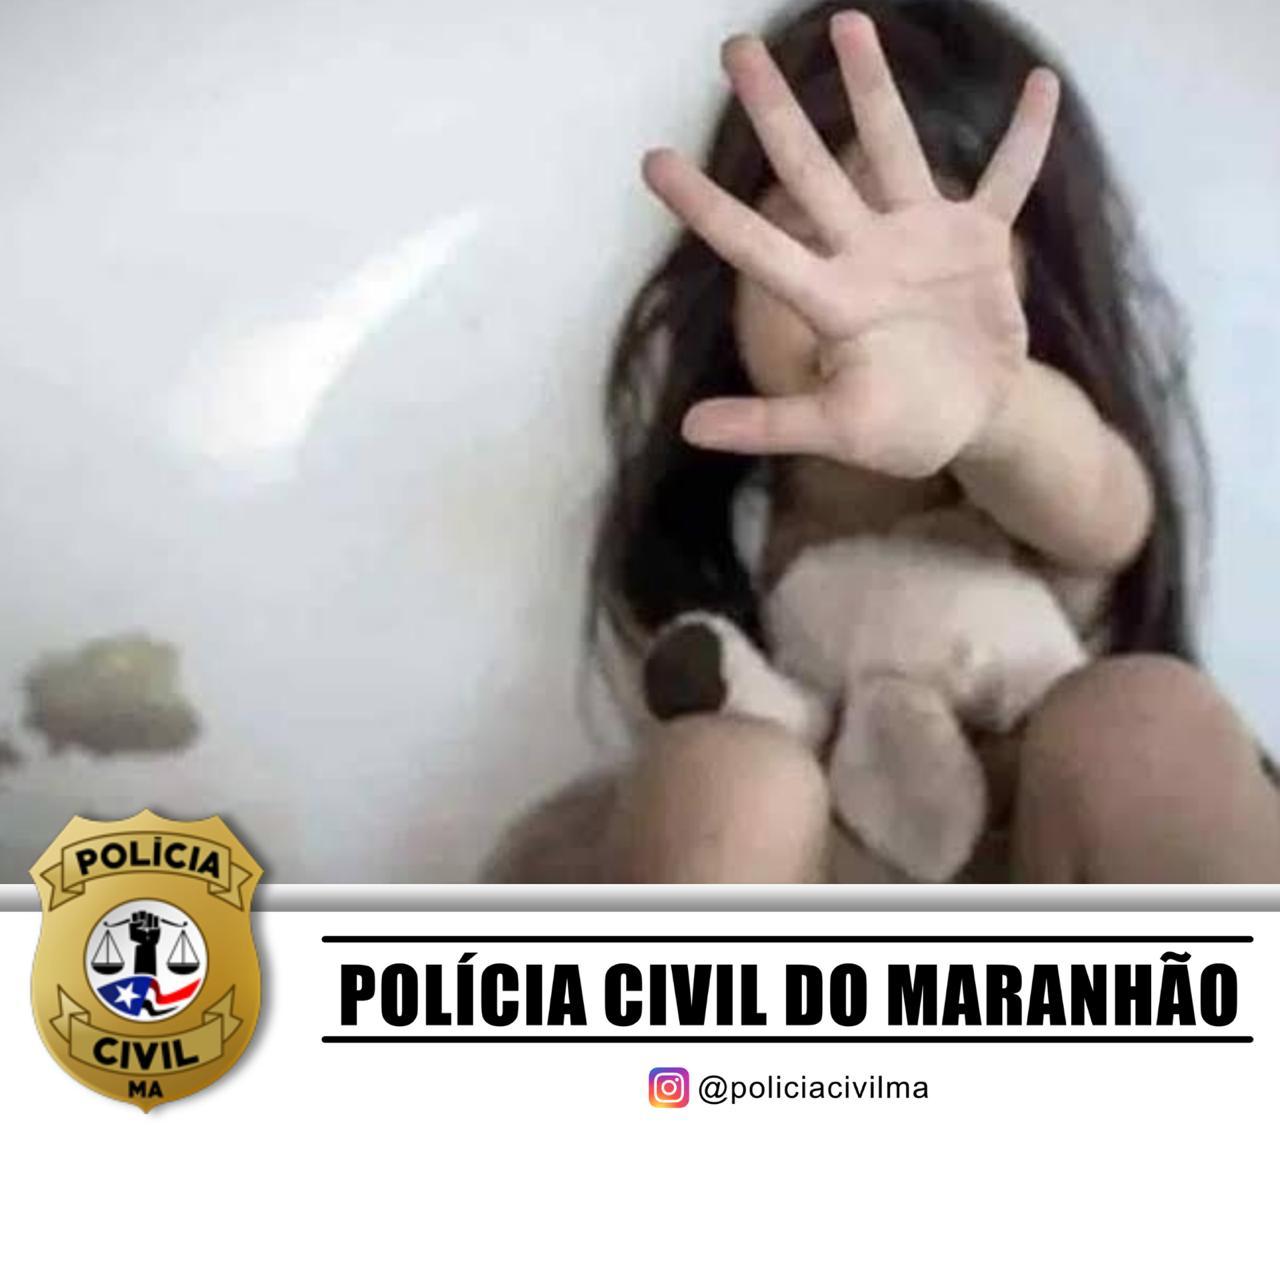 POLICIA CIVIL CUMPRE MANDADO DE PRISÃO POR ESTURPO EM SÃO MATEUS